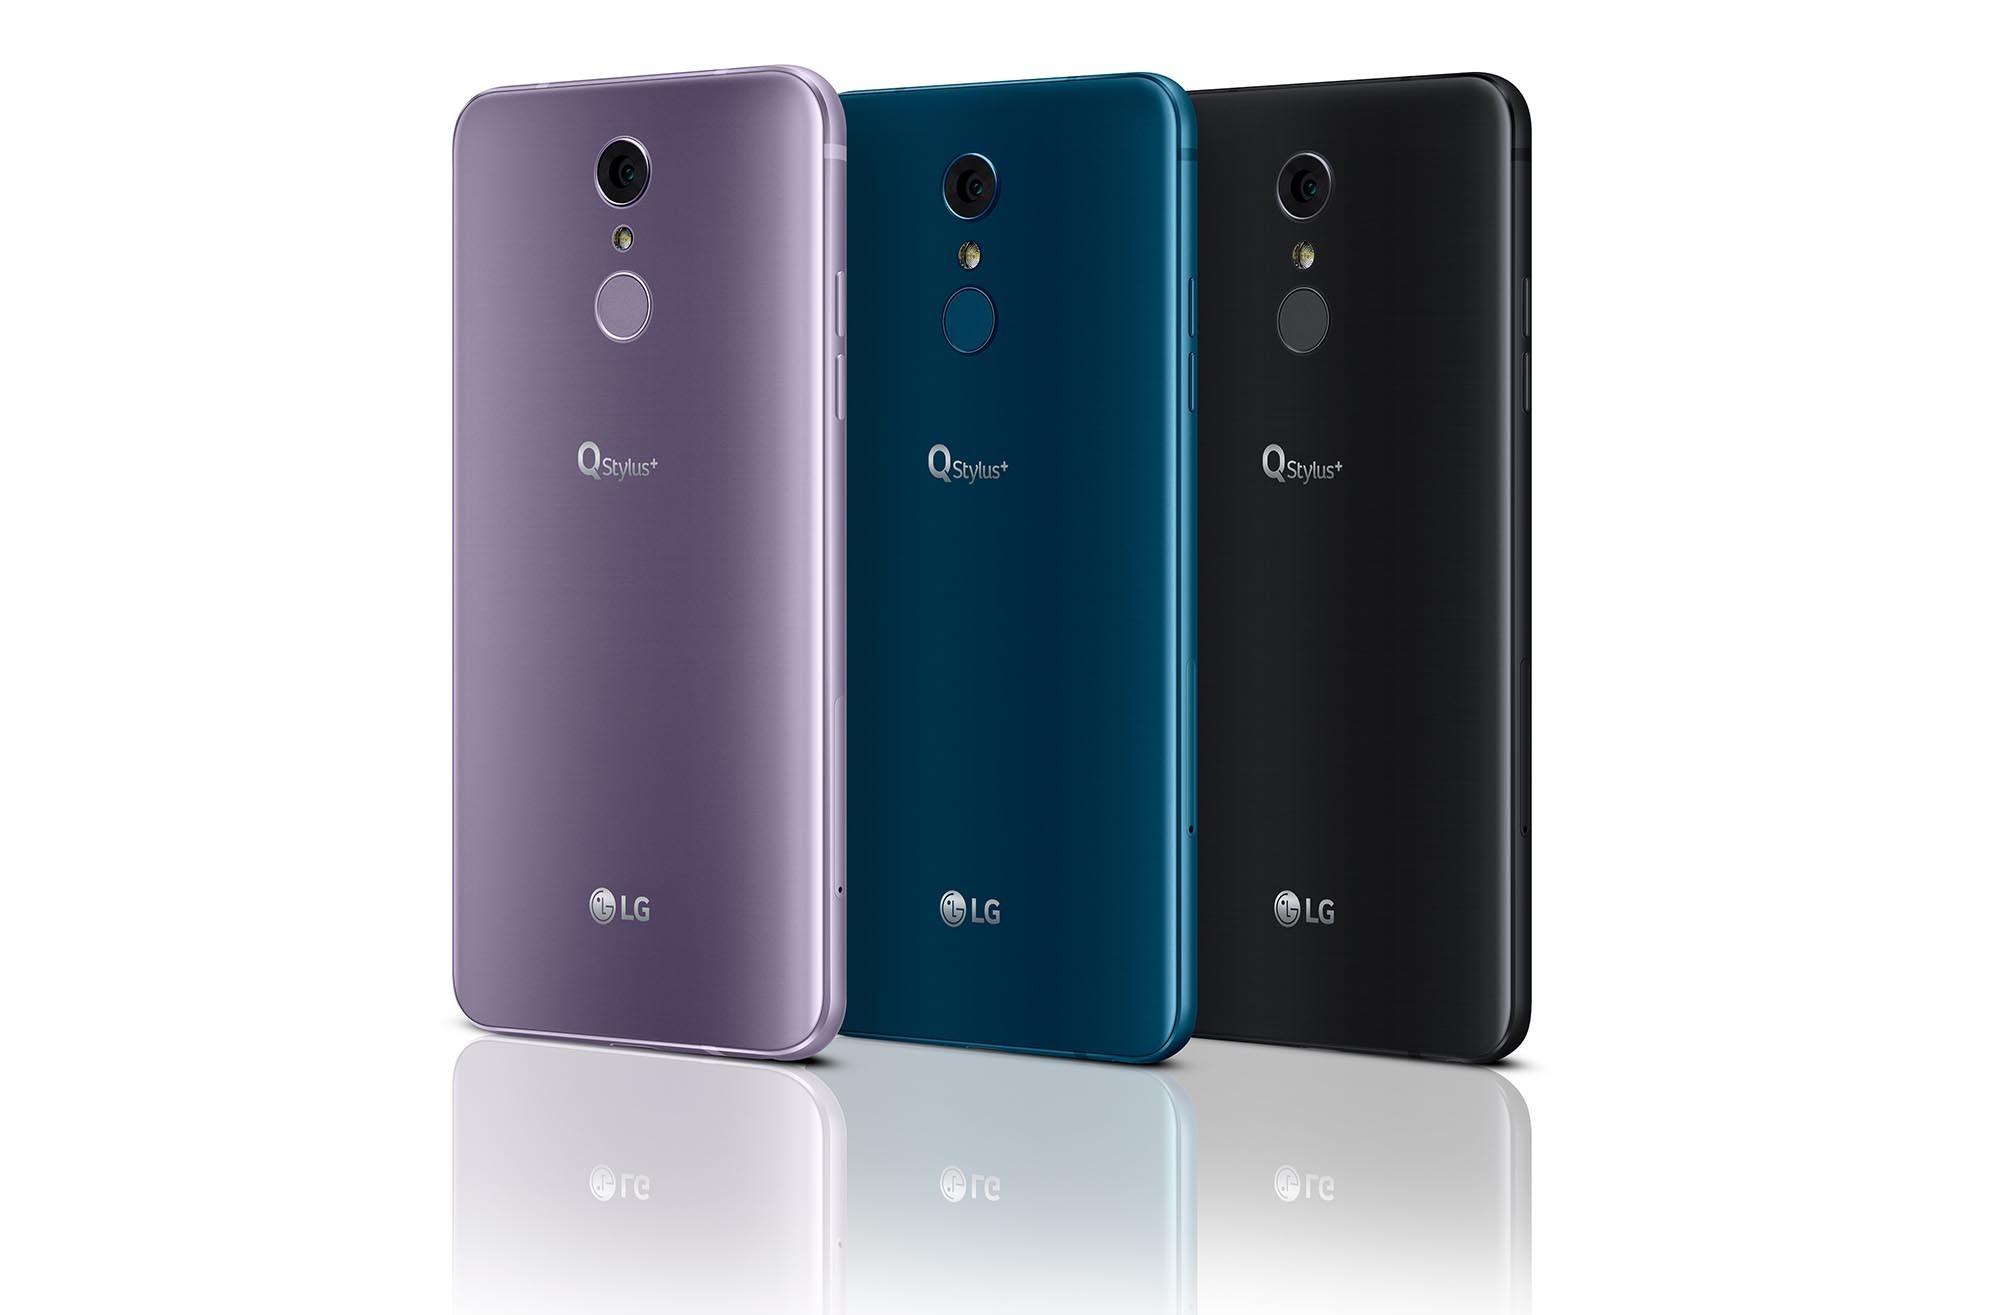 中階機 LG Q STYLUS+ 到港  18:9 FHD+ / DTS:X 音效賣 HK$3,198